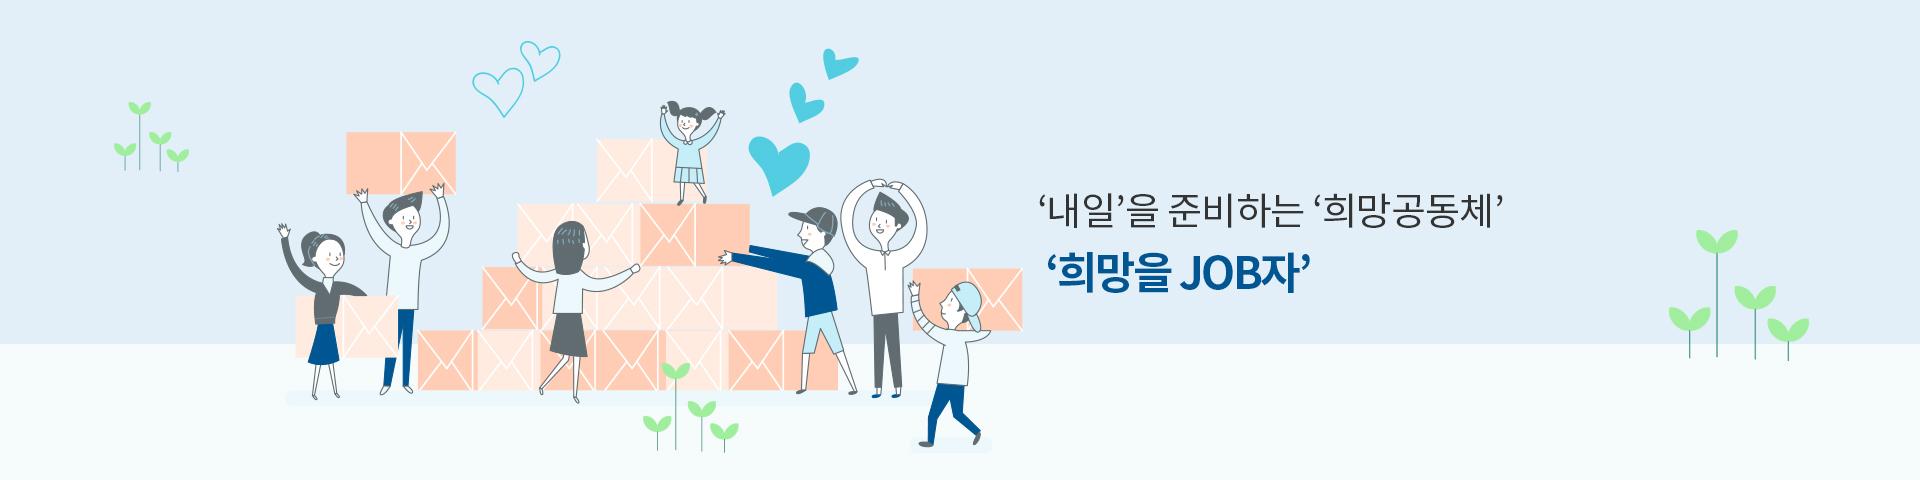 '내일'을 준비하는 희망공동체 '희망을 JOB자'